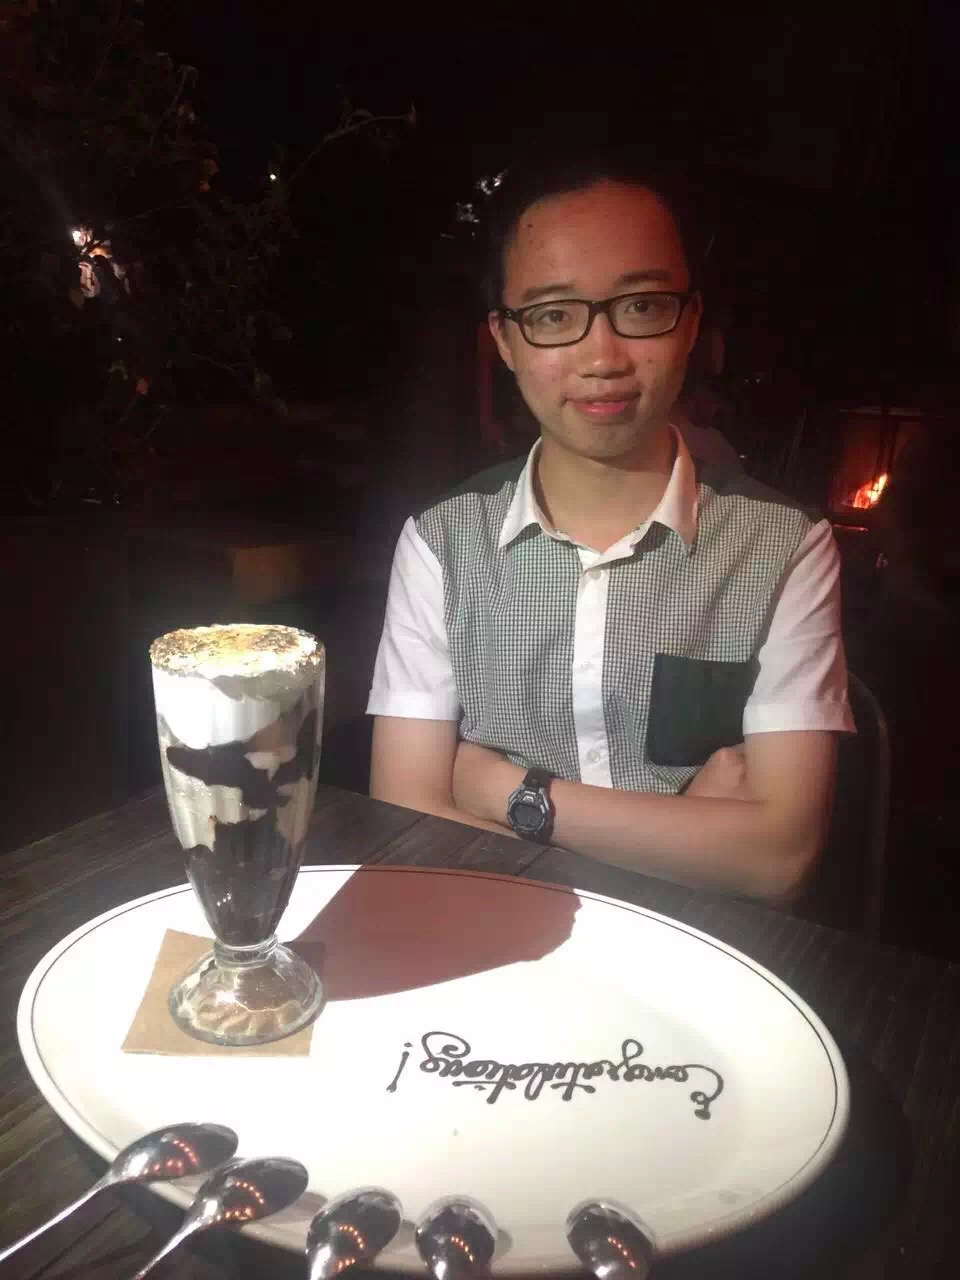 我叫郭子凌,大二数学系的美东留学生一枚。我这人吧有两个爱好,吃和摄影 现在是校报摄影师的一员。#  🌟已验证,非照骗